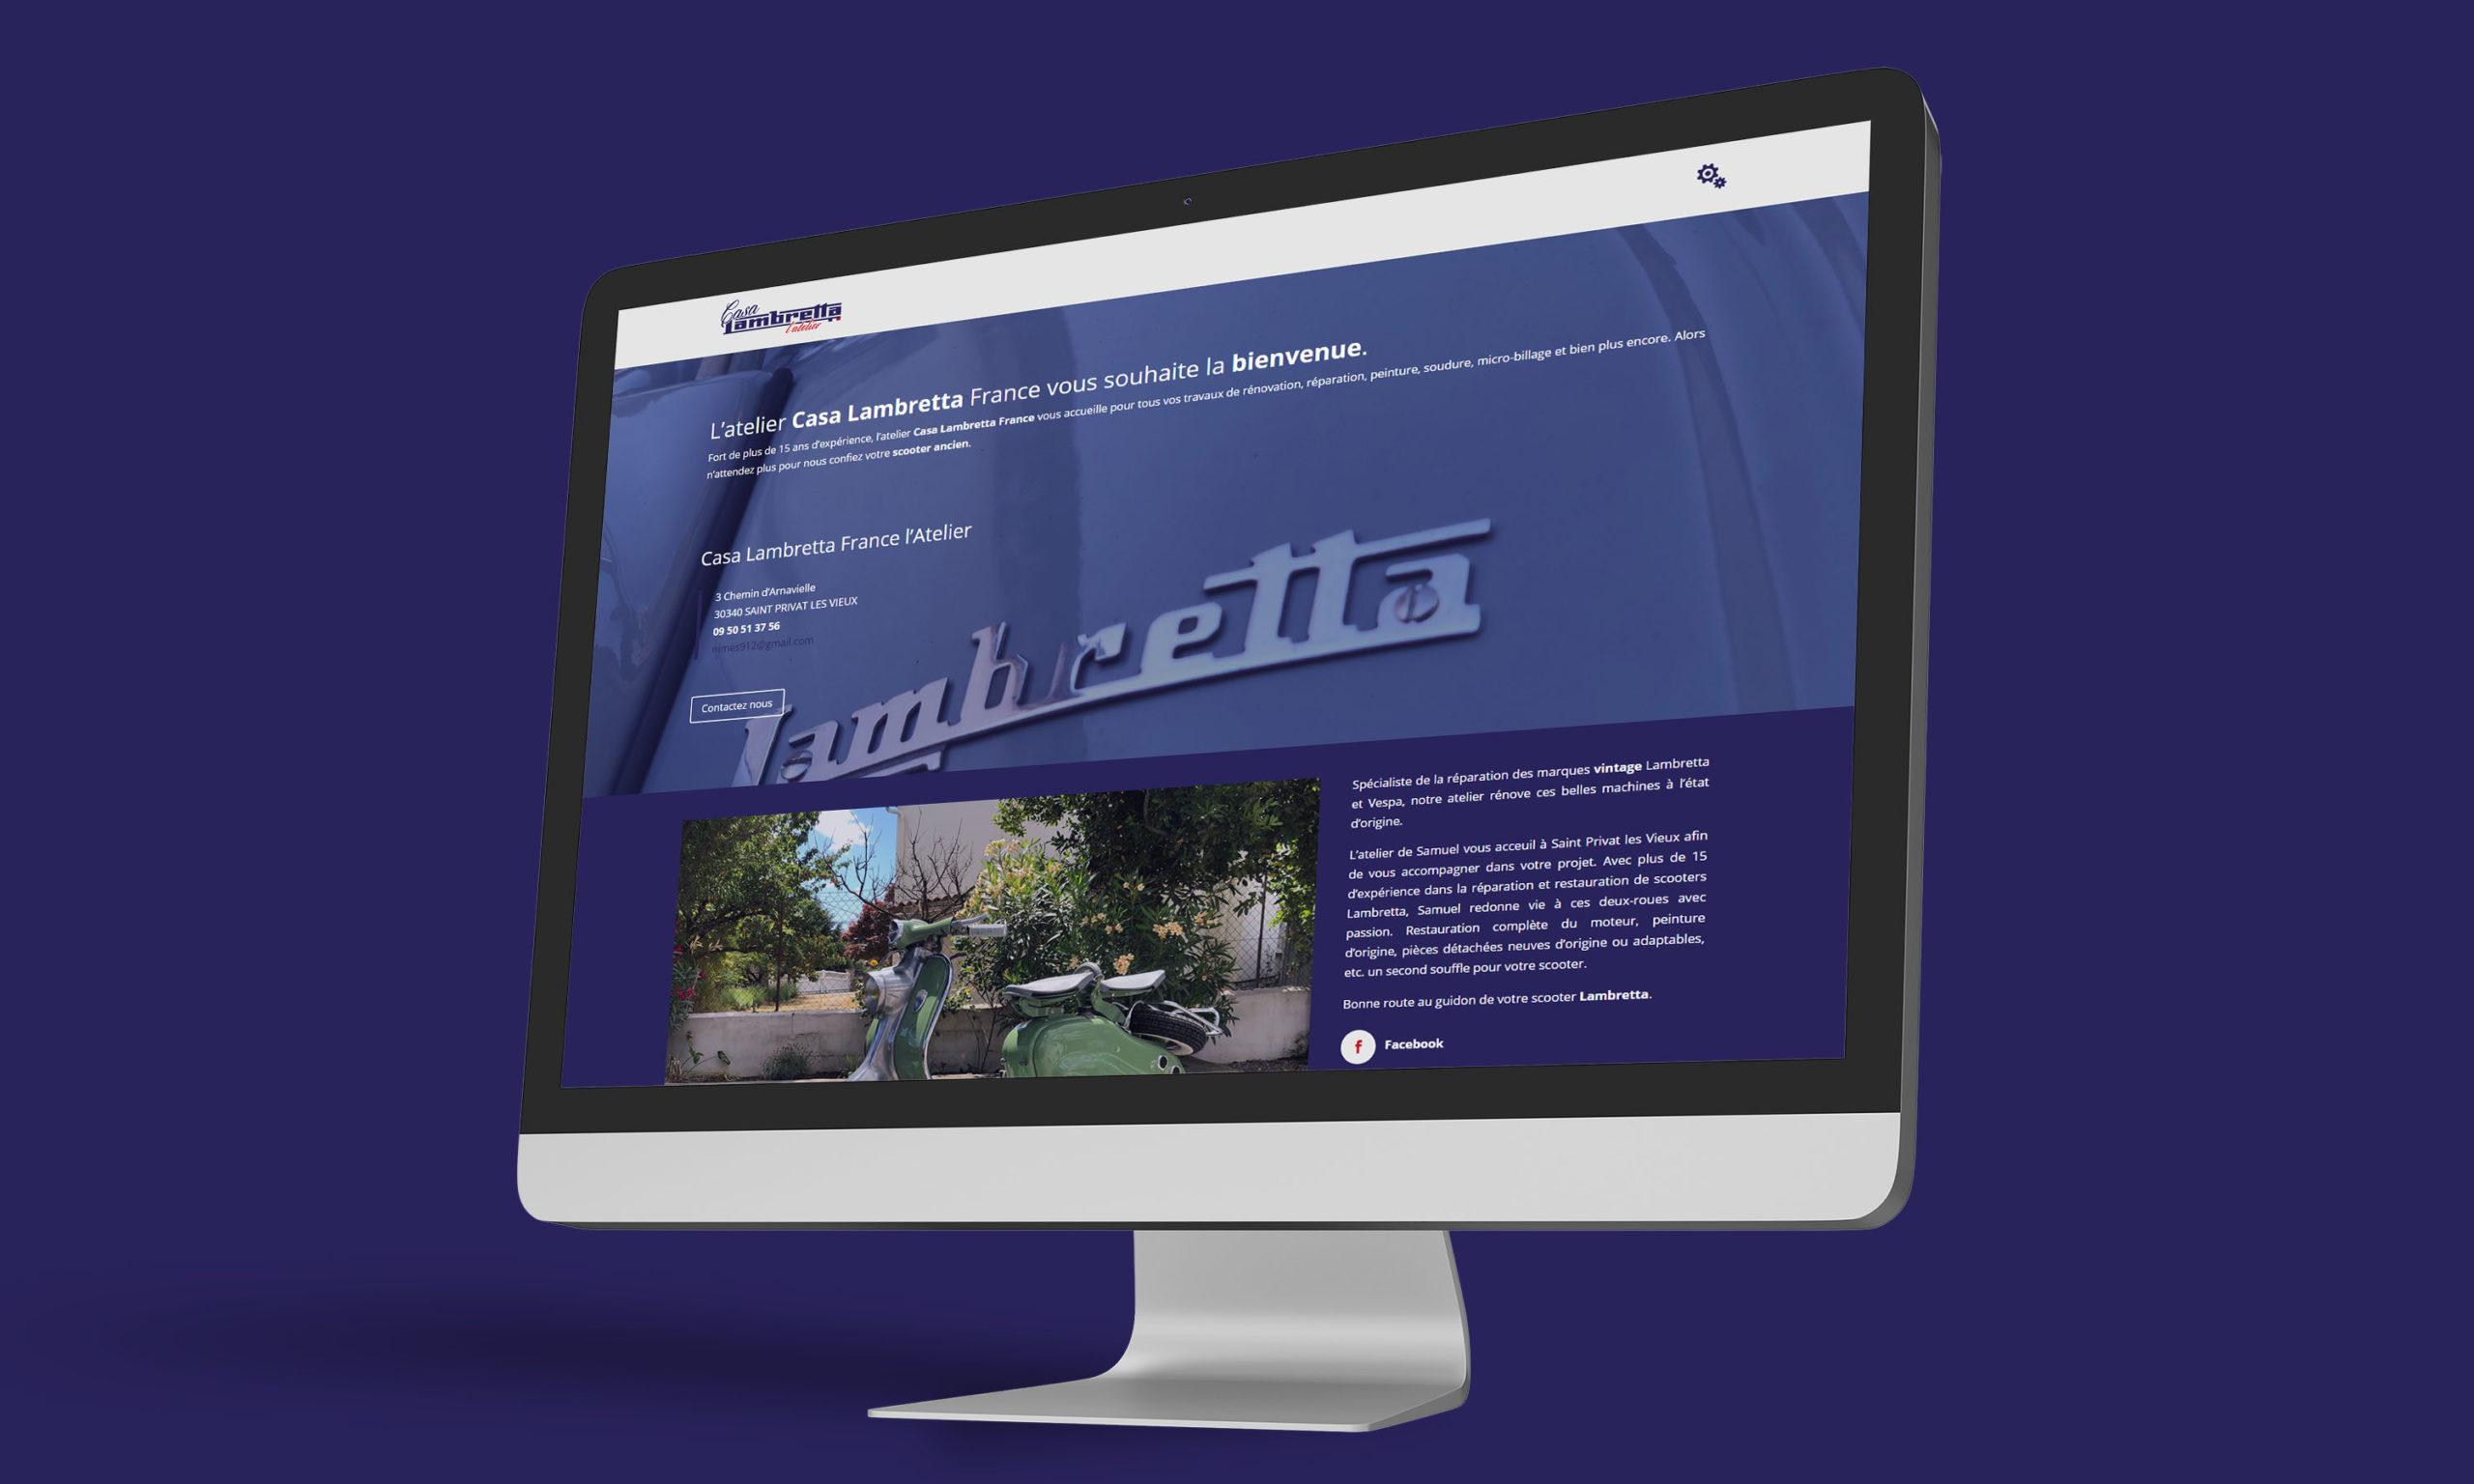 Site internet Casa Lambretta l'Atelier, réparation de scooters Lambretta et Vespa